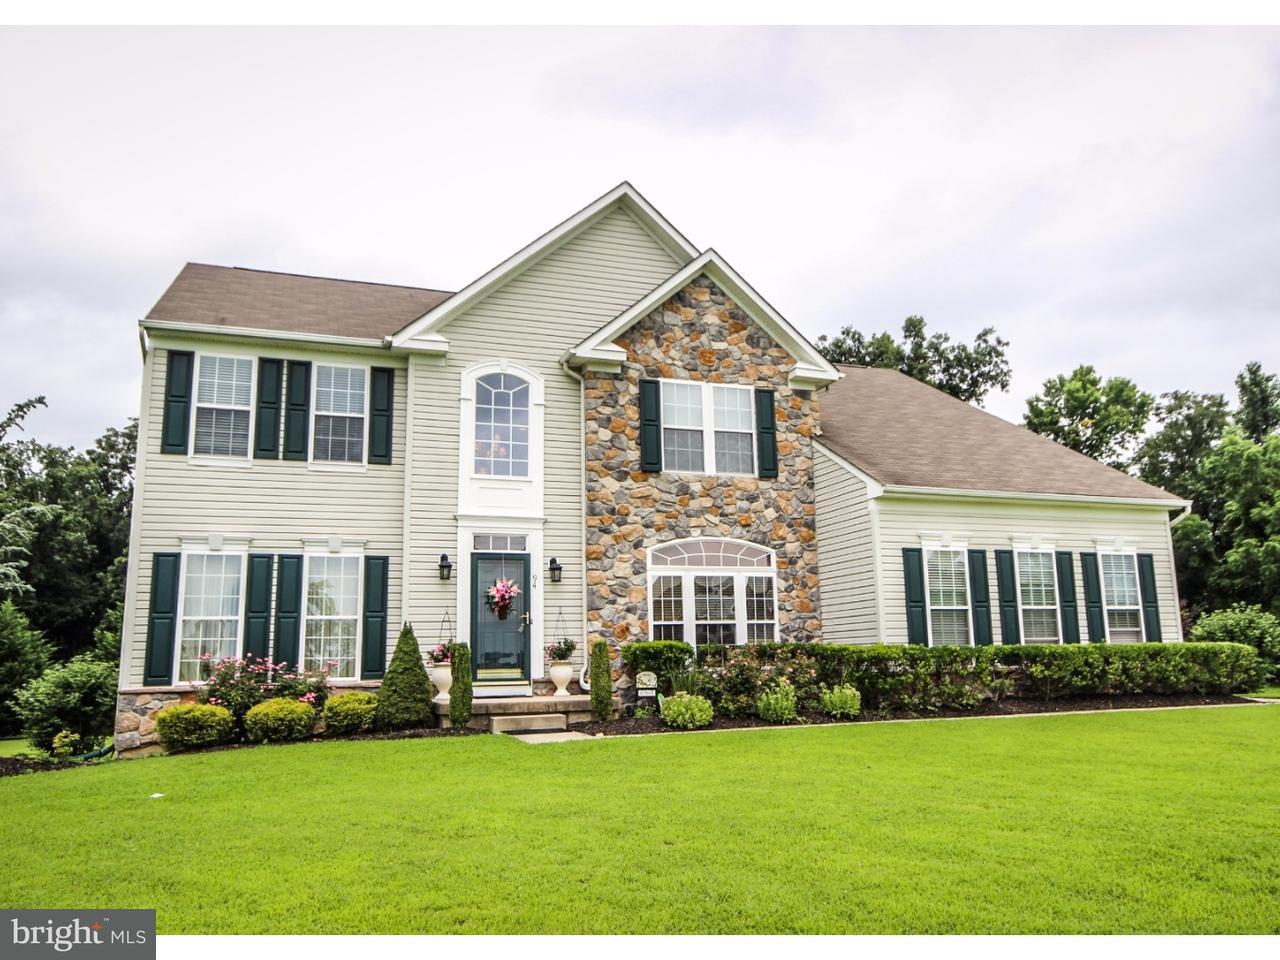 Maison unifamiliale pour l Vente à 94 QUAIL RIDGE WAY Mickleton, New Jersey 08056 États-Unis